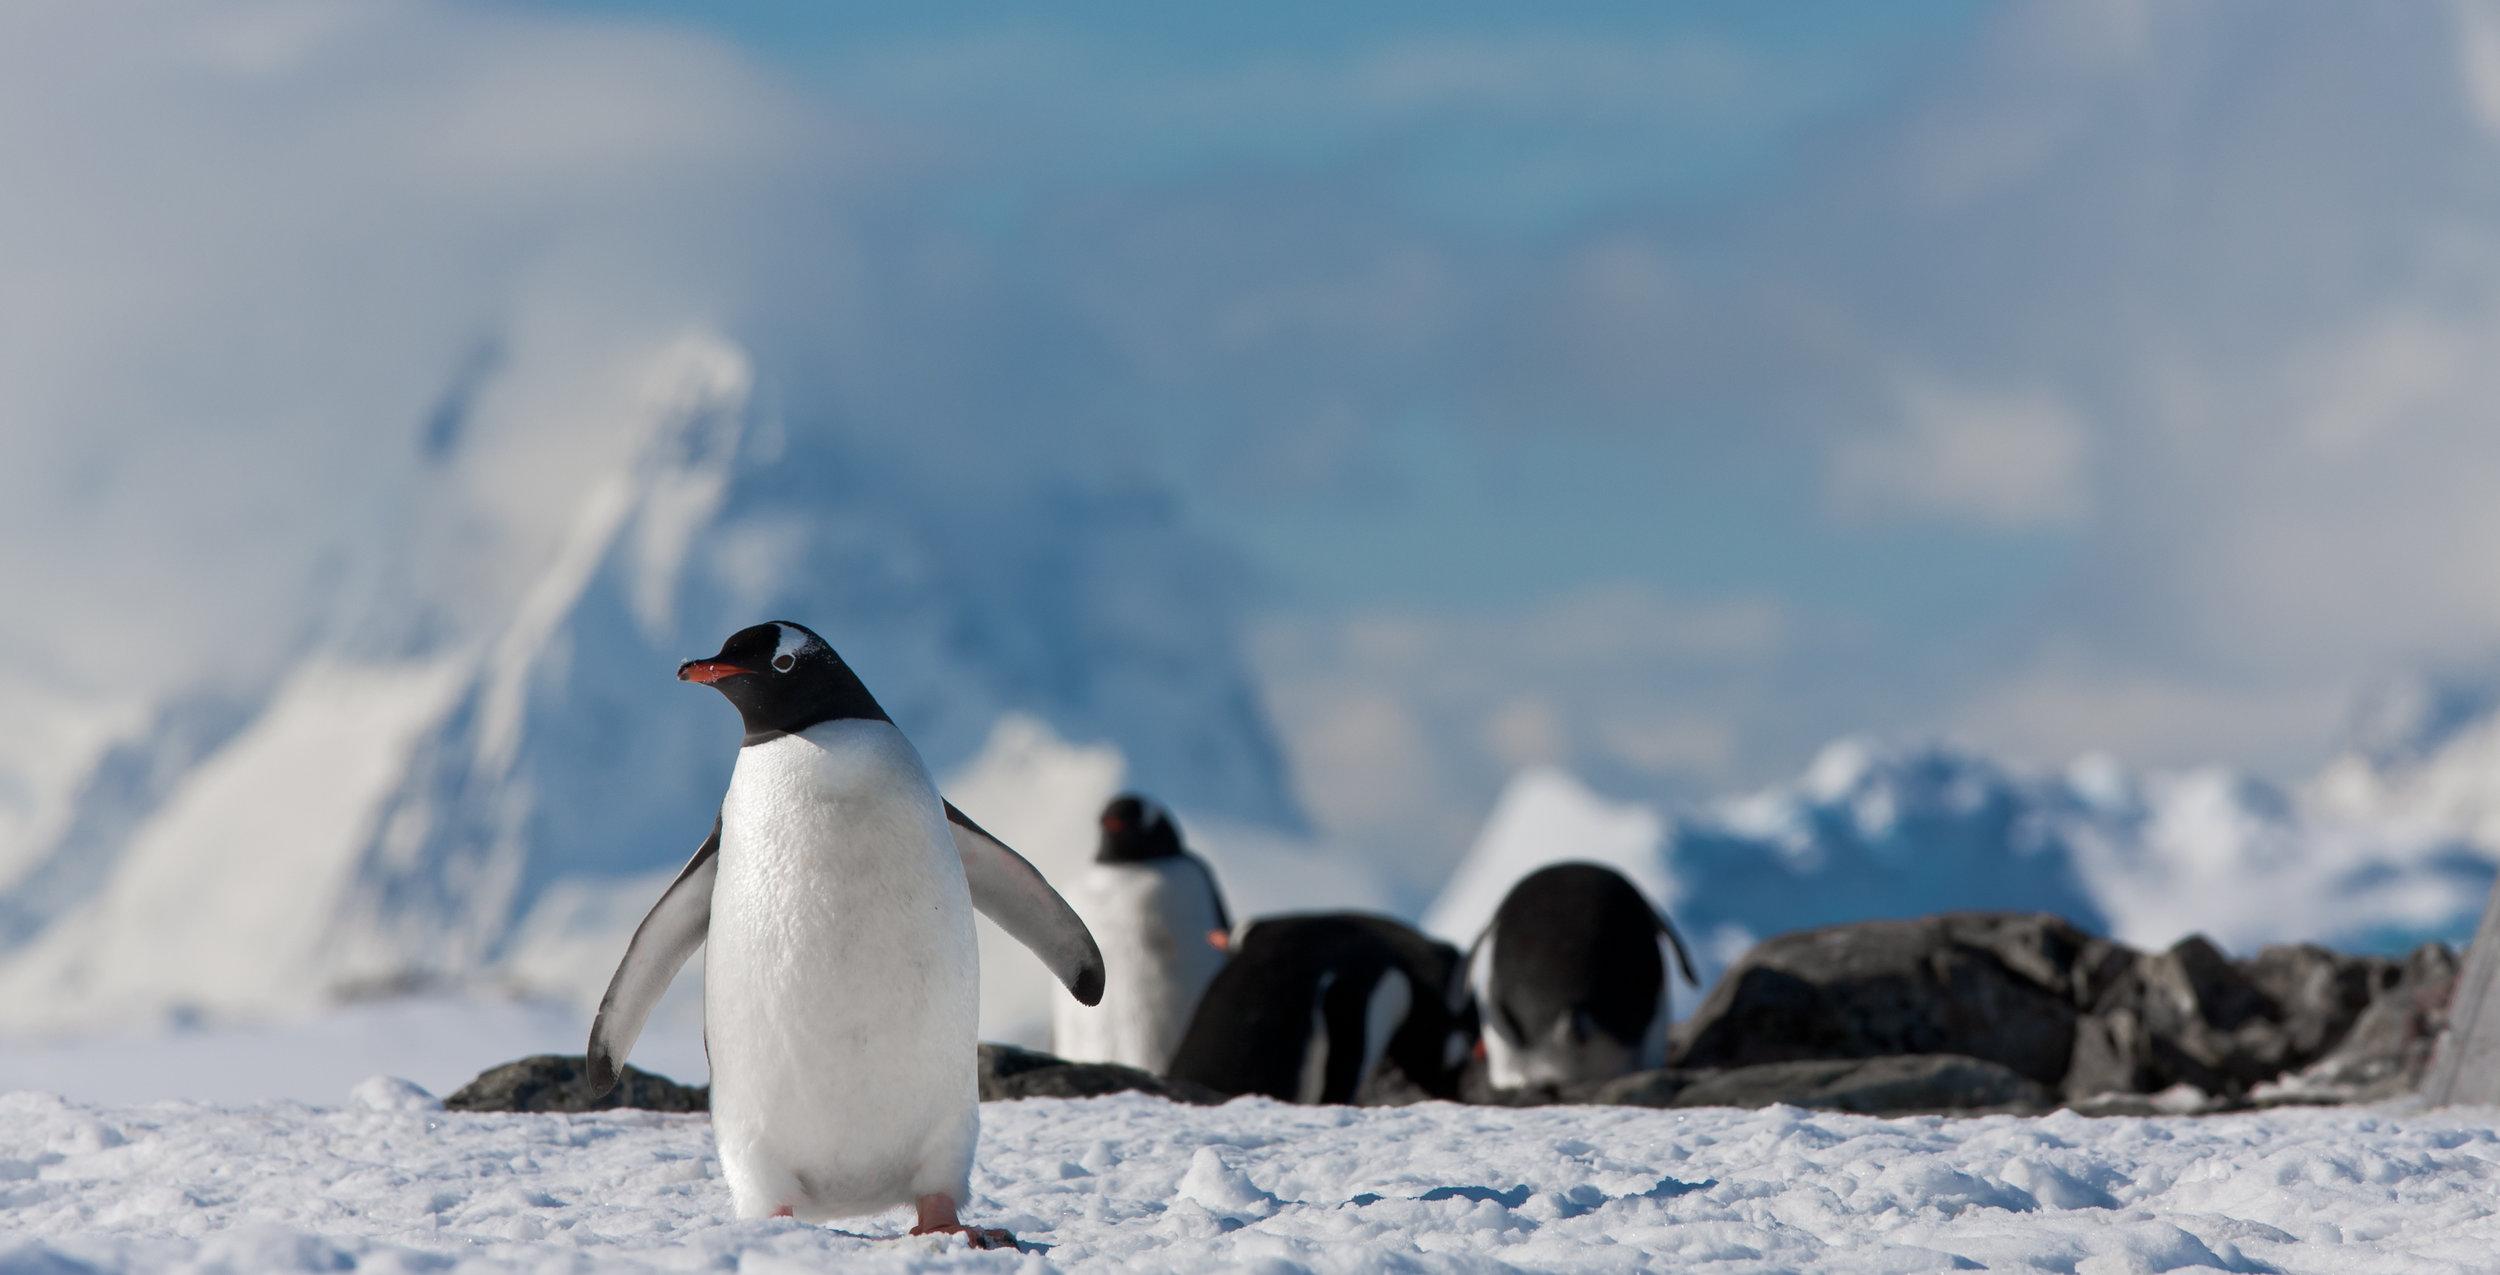 penguins-in-antarctica-PC4M6X3.jpg